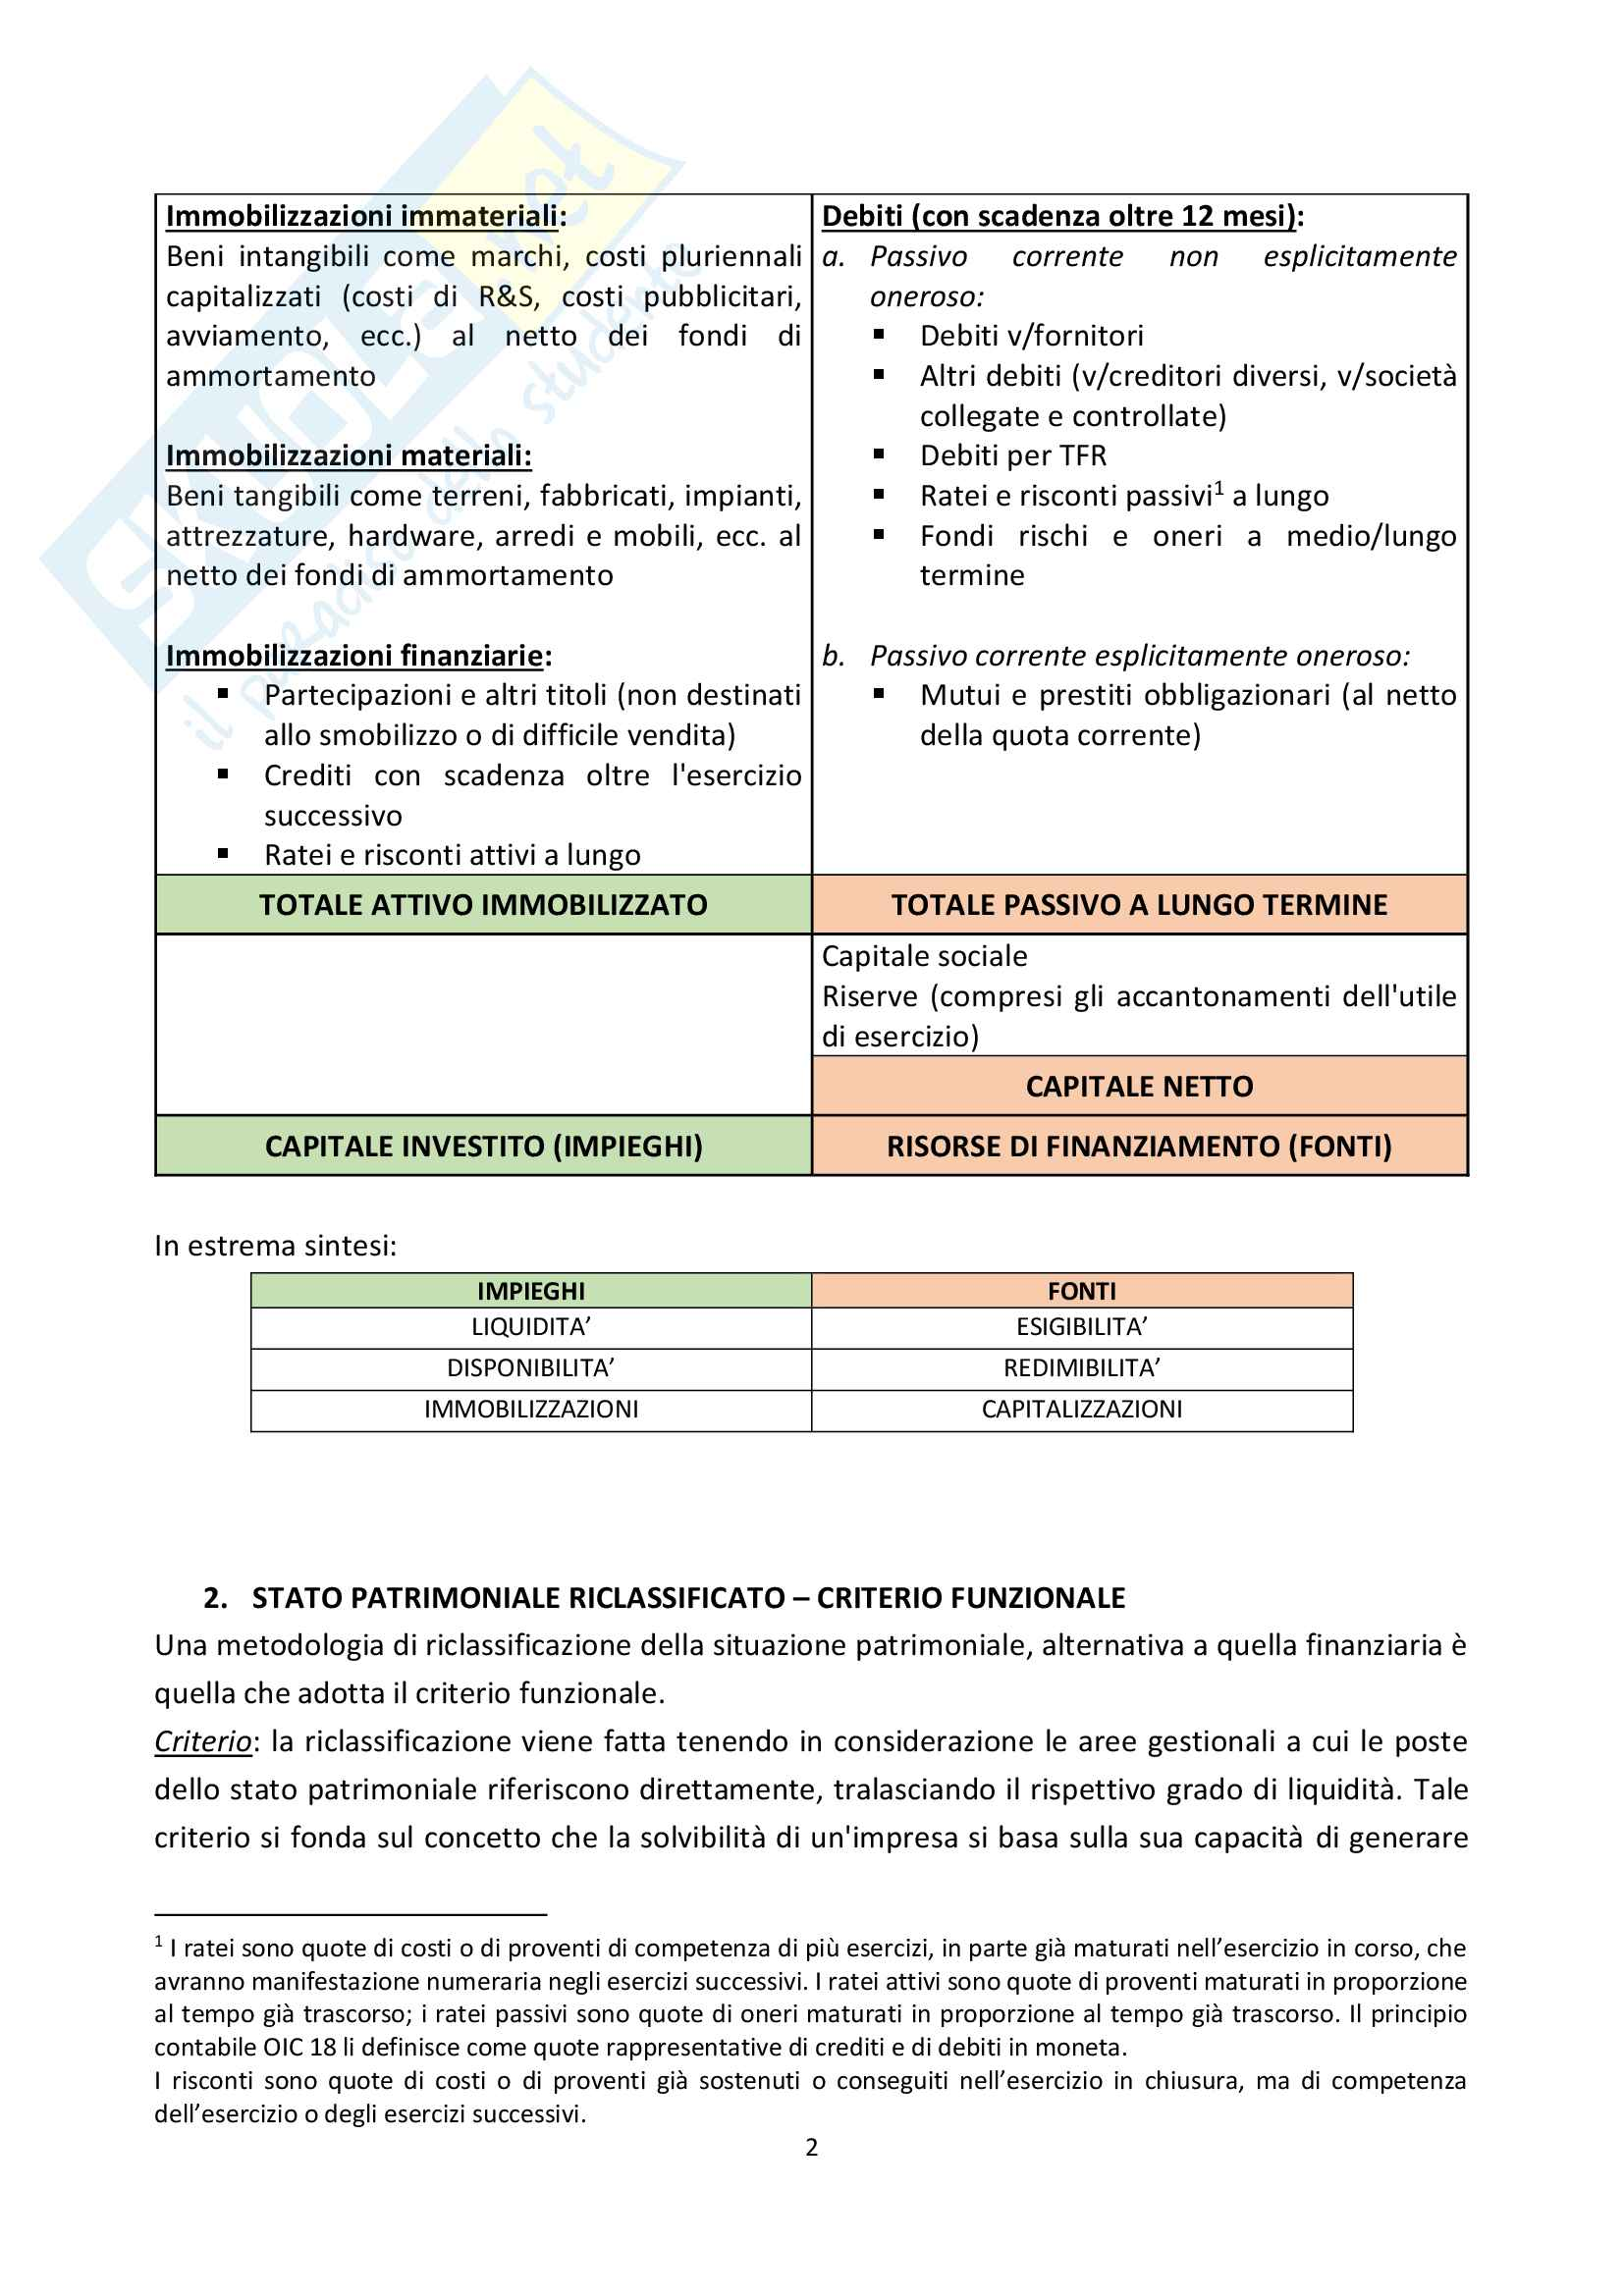 Appunti analisi di bilancio Pag. 2